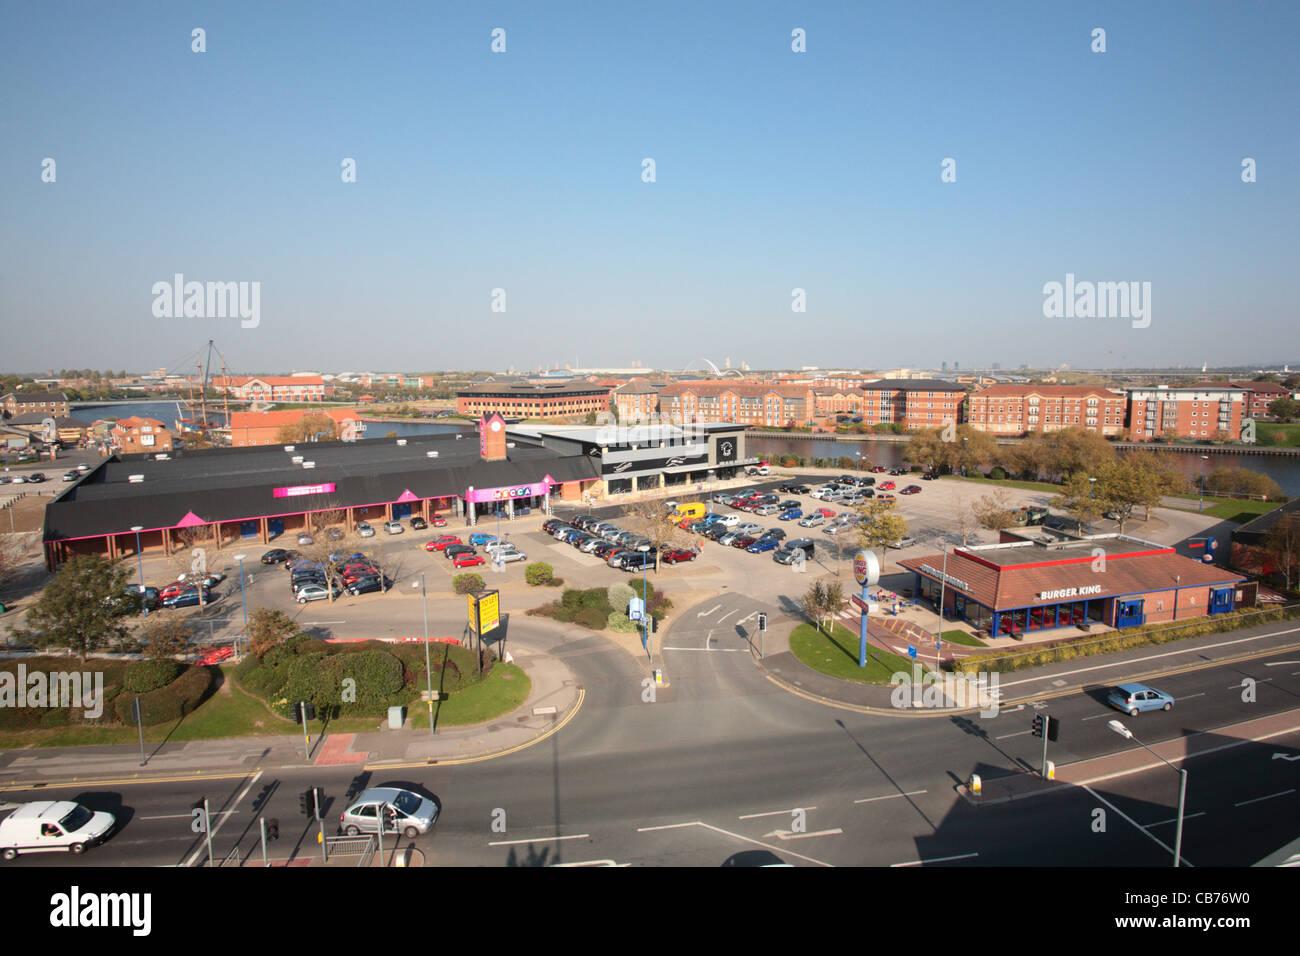 Chandlers Wharf Freizeit Regelung, Stockton-on-Tees Stockfoto